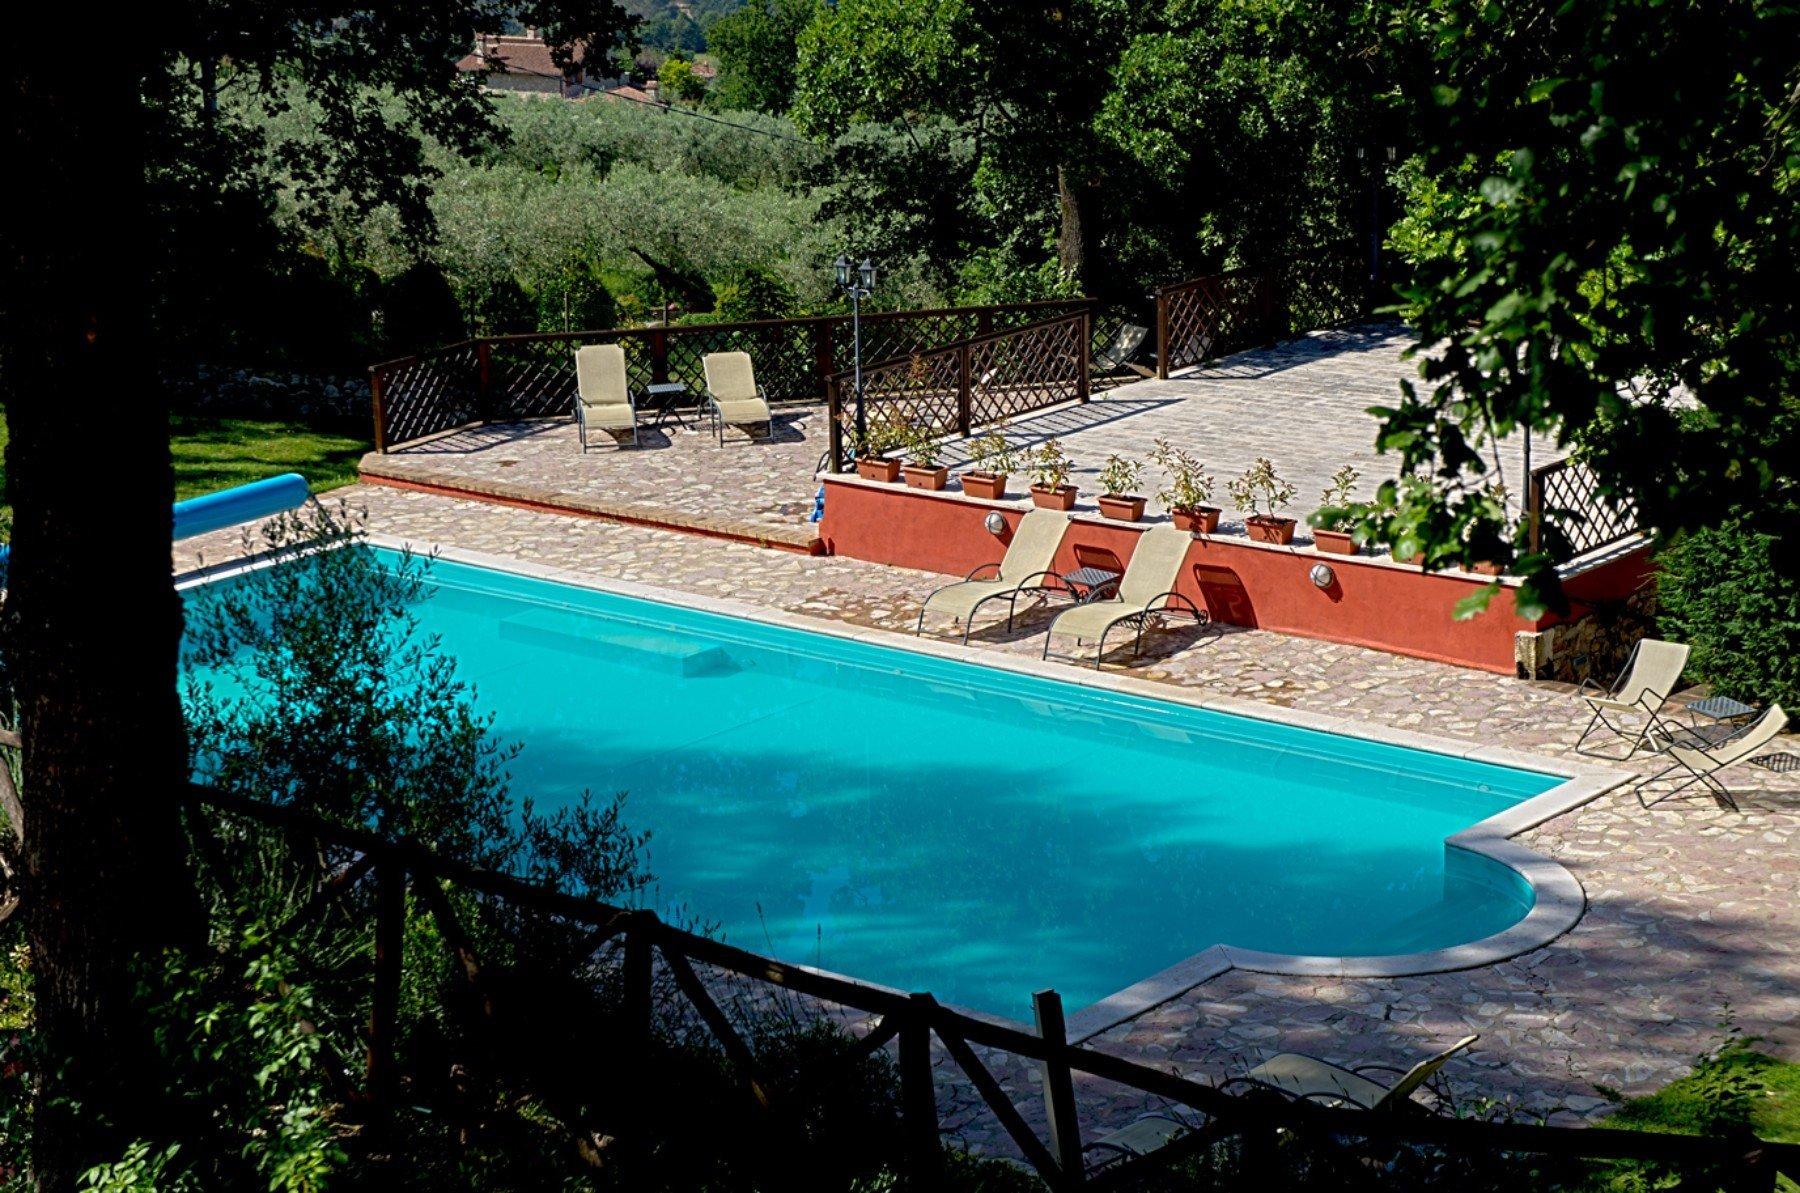 vista dall'alto di una piscina con delle sdraio